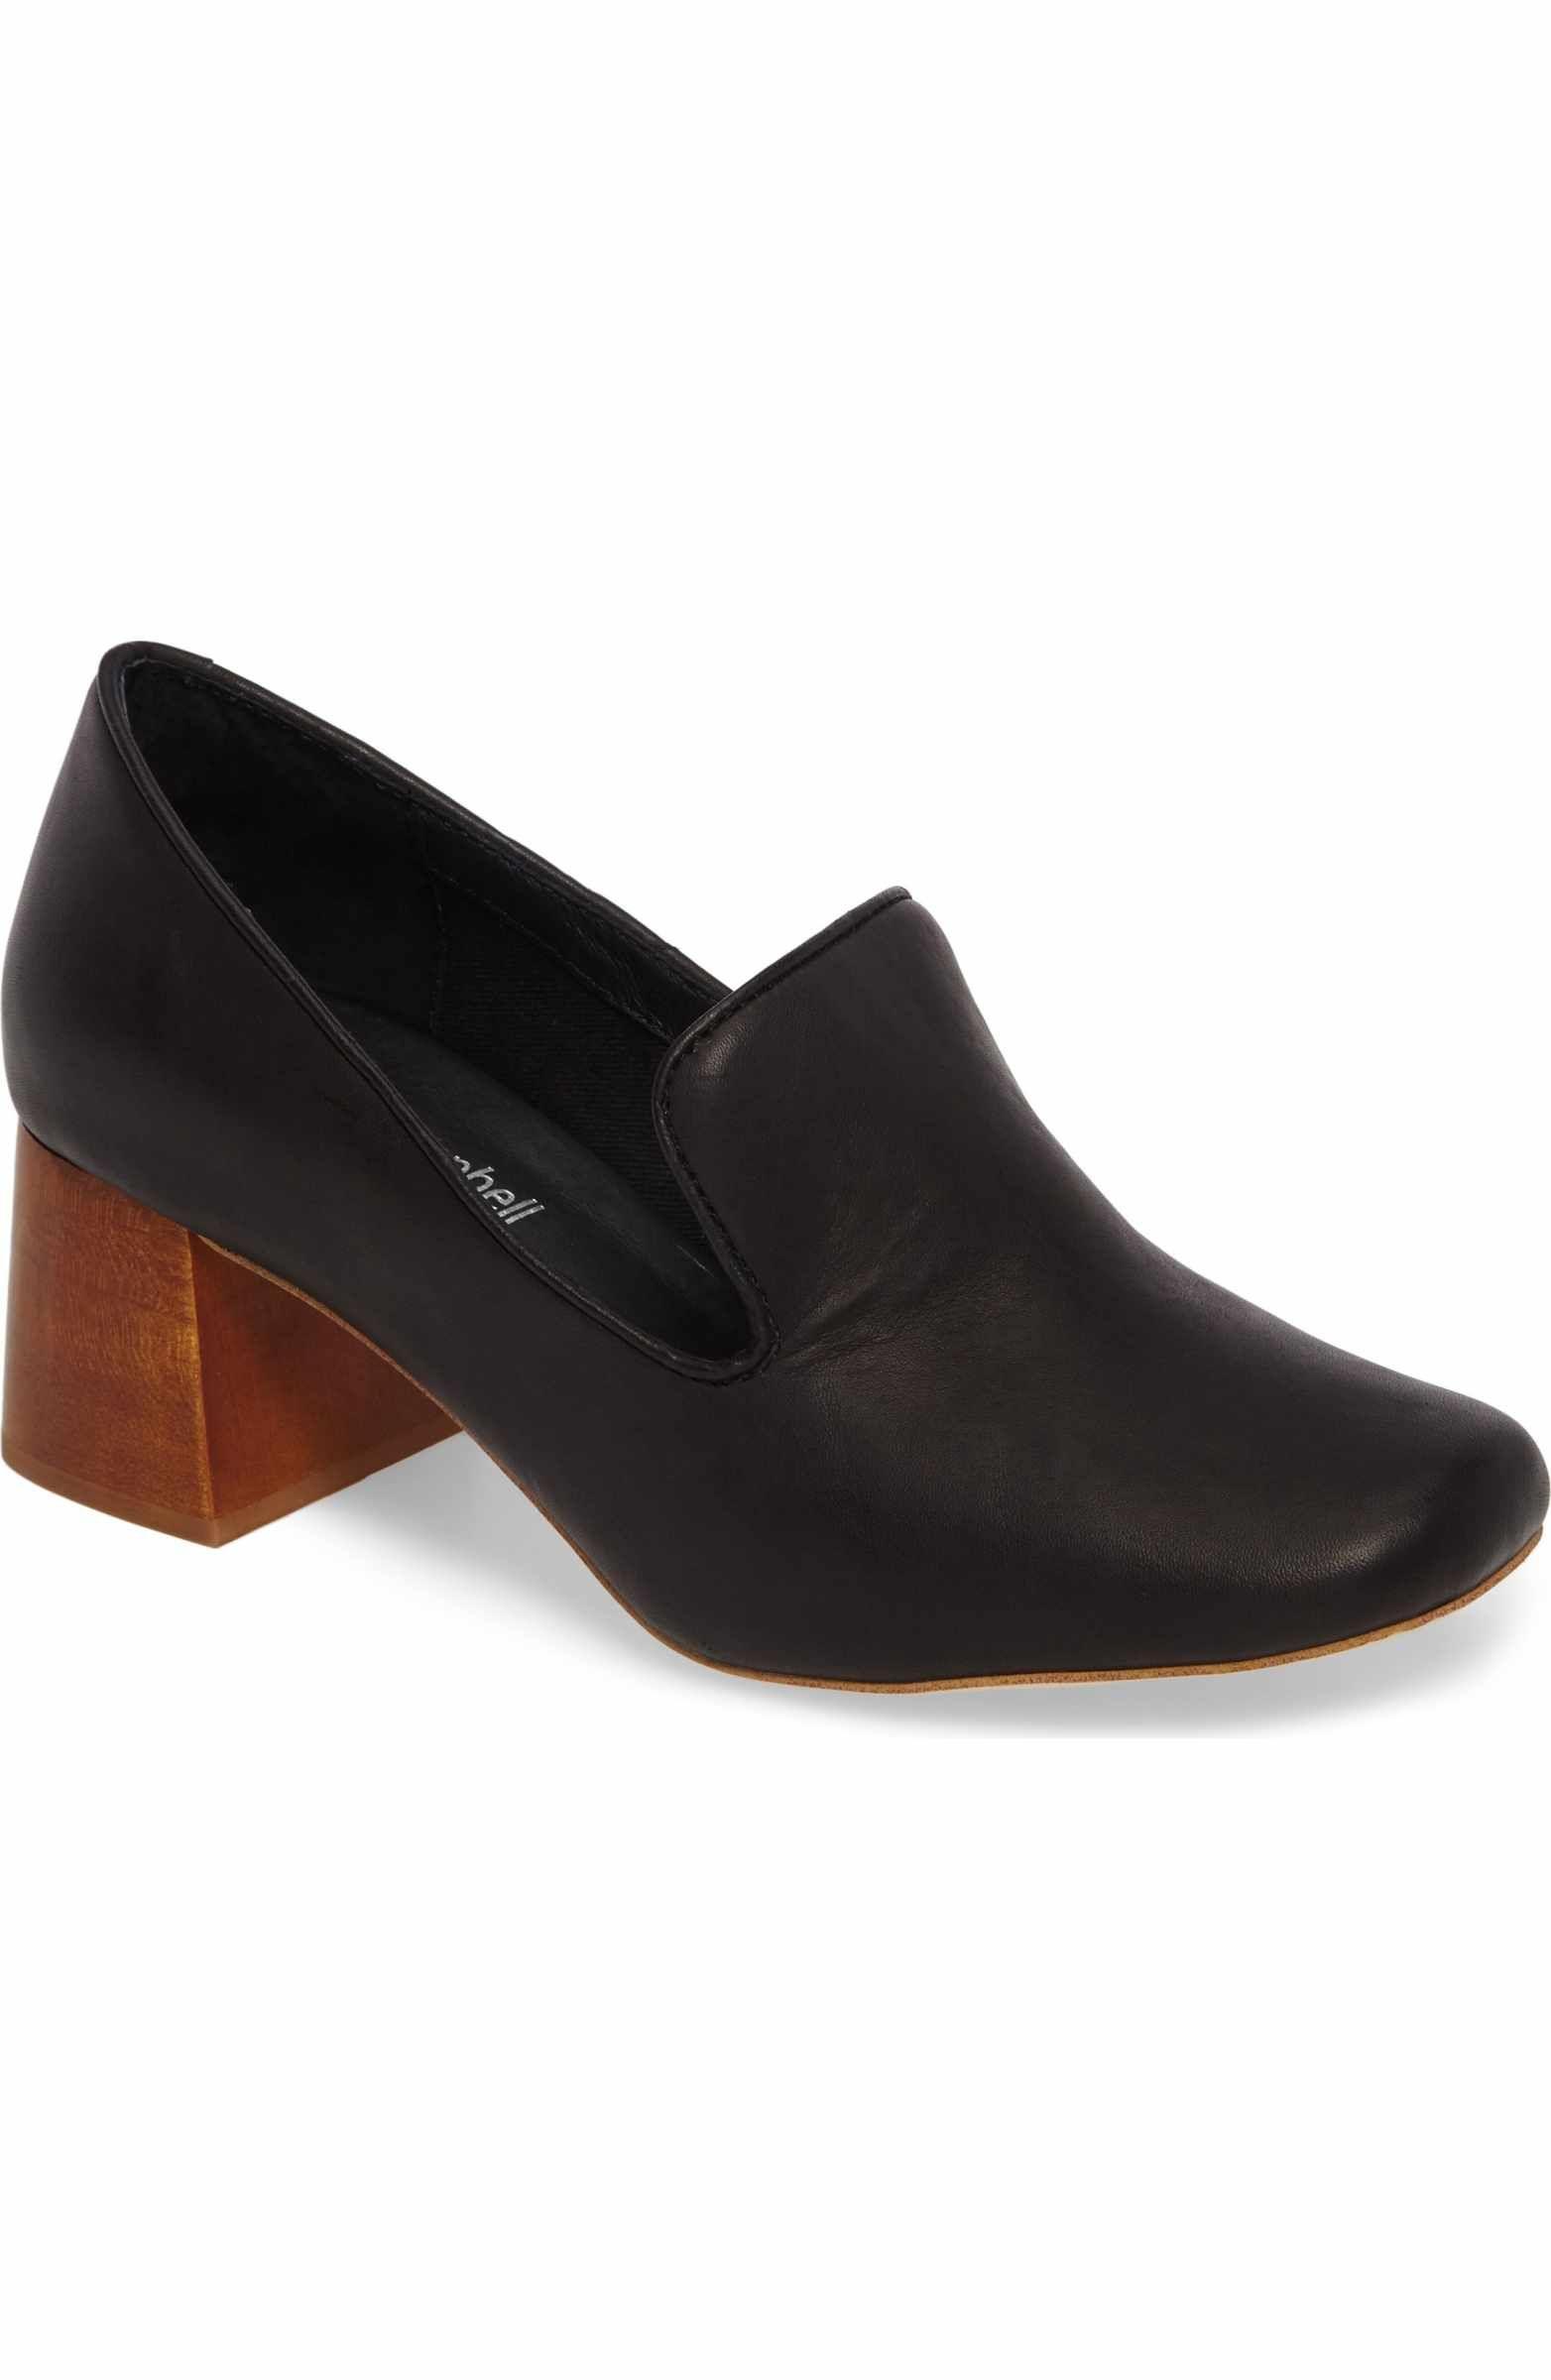 7bf19465e8b Jeffrey Campbell Lister Flared Heel Loafer Pump (Women)